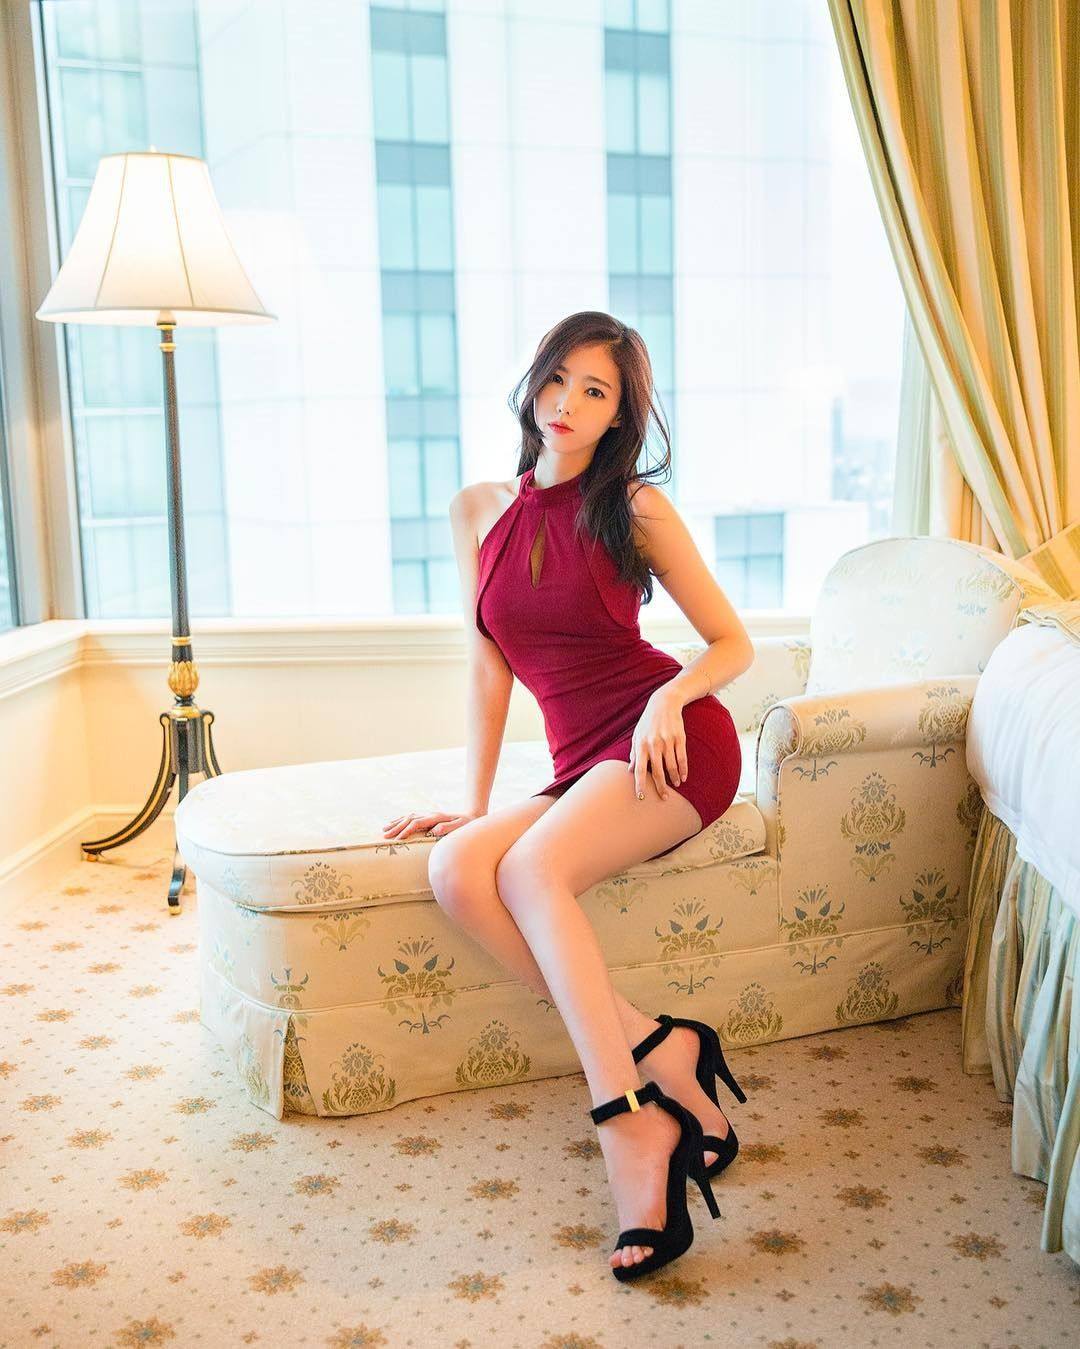 Ázsiai pornó szobalány